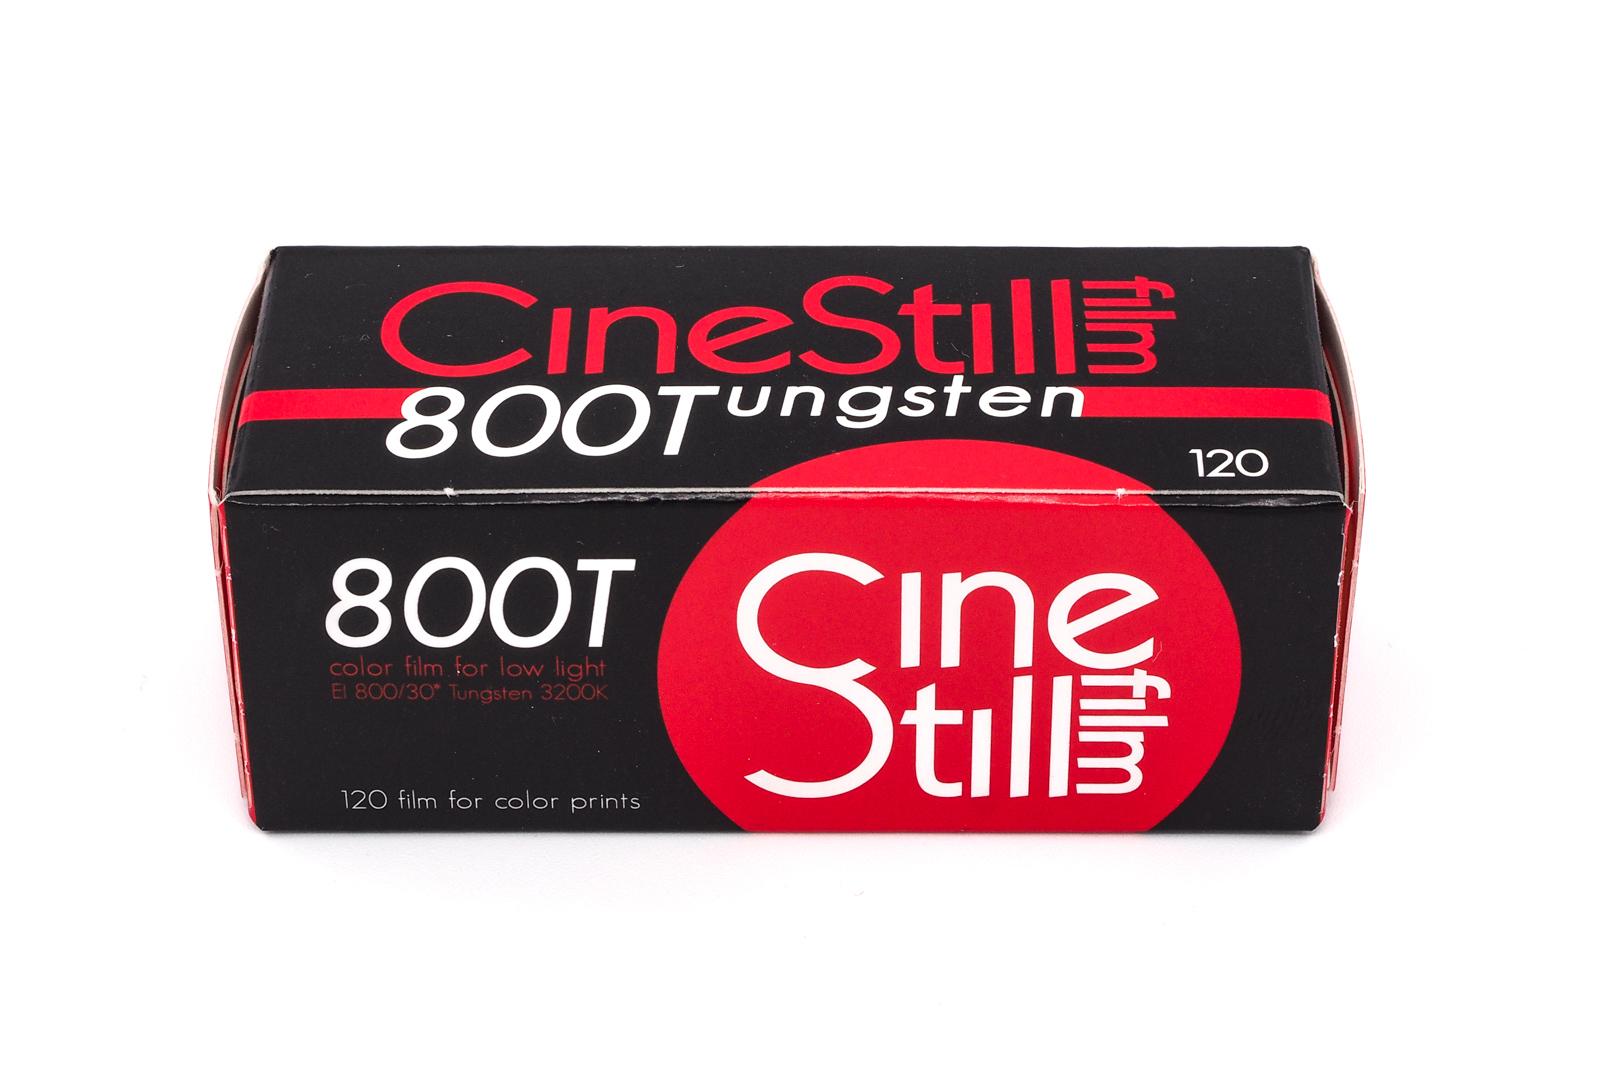 Cinestill 800 Tungsten